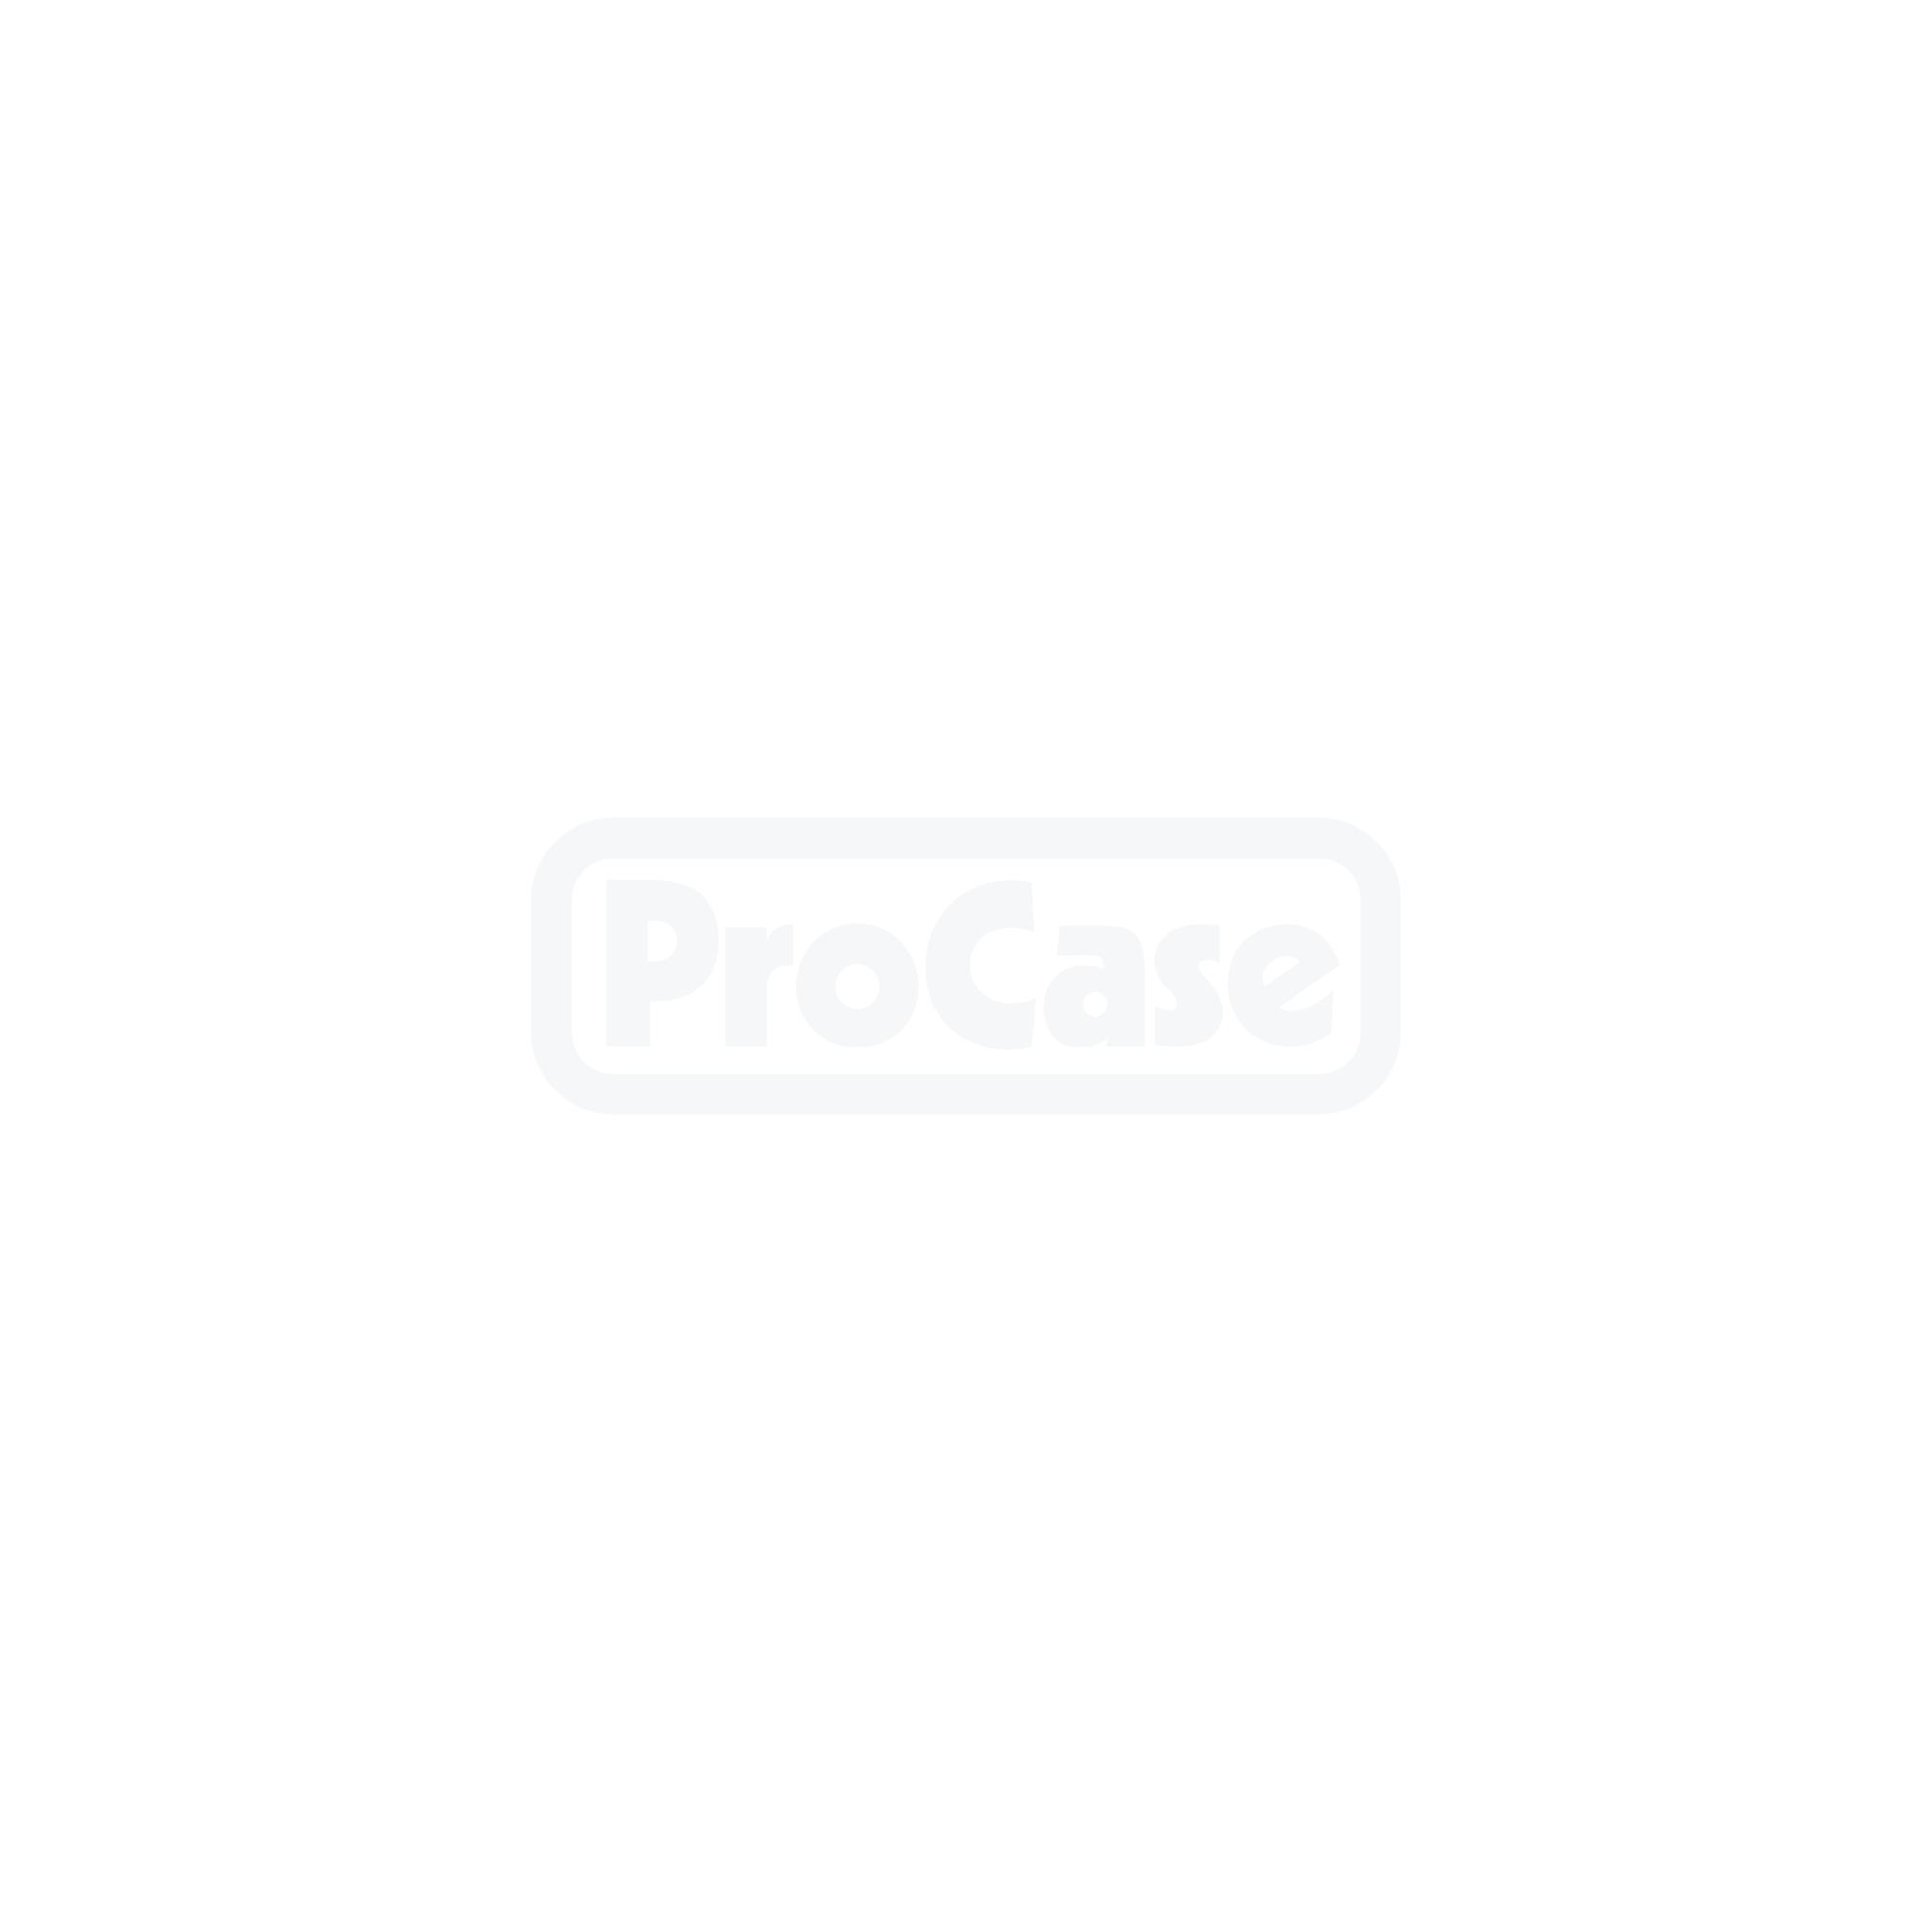 Packcase 4 mit Trolley und 4 Einschüben (Türvariante)